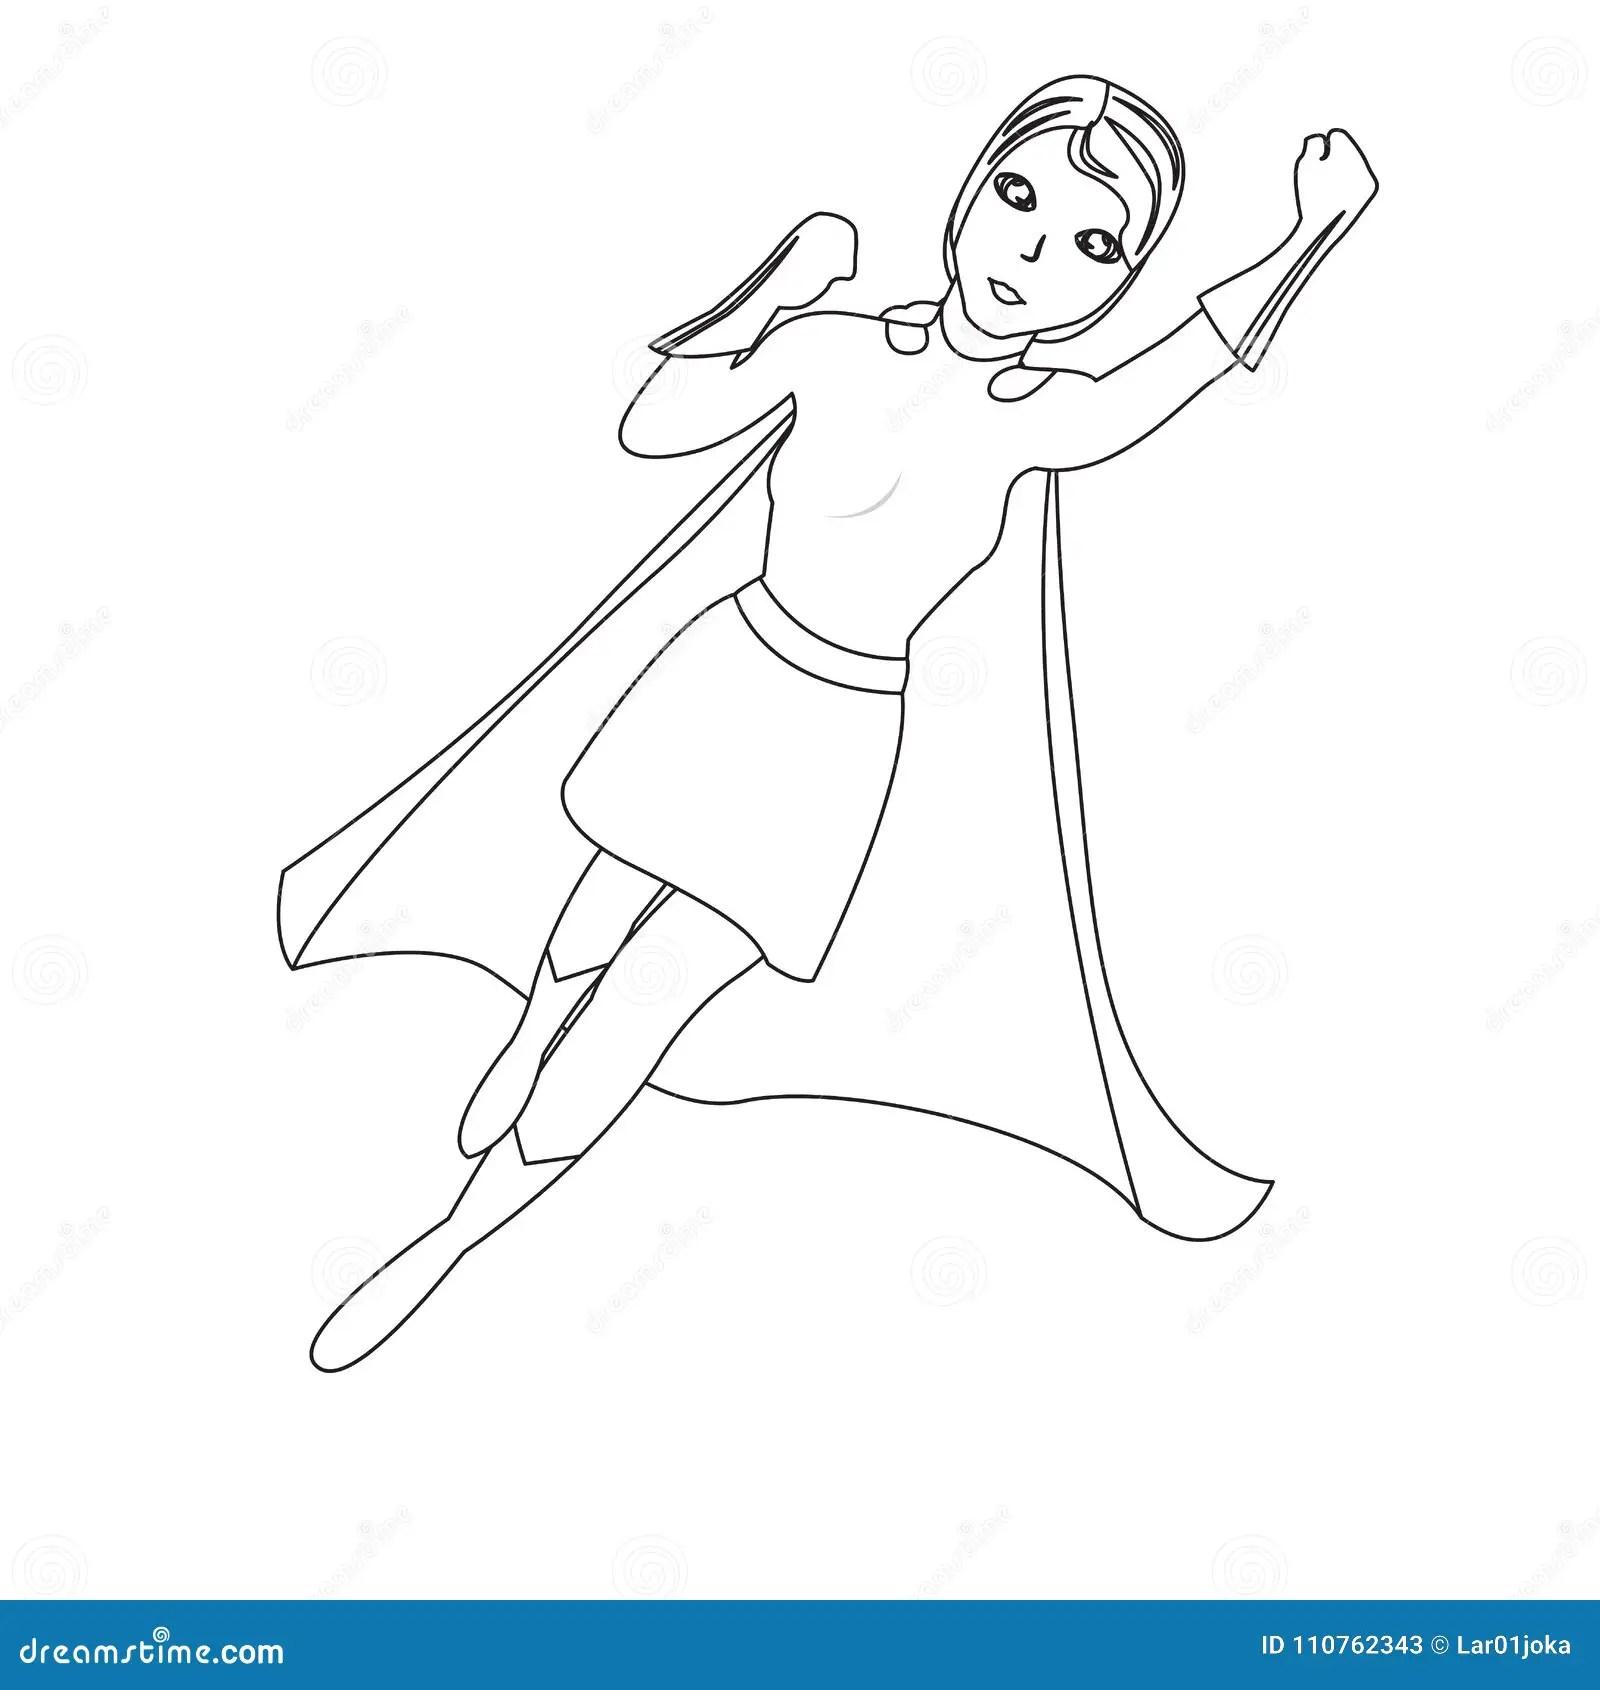 Superwoman Cartoon Character Sketch Stock Vector